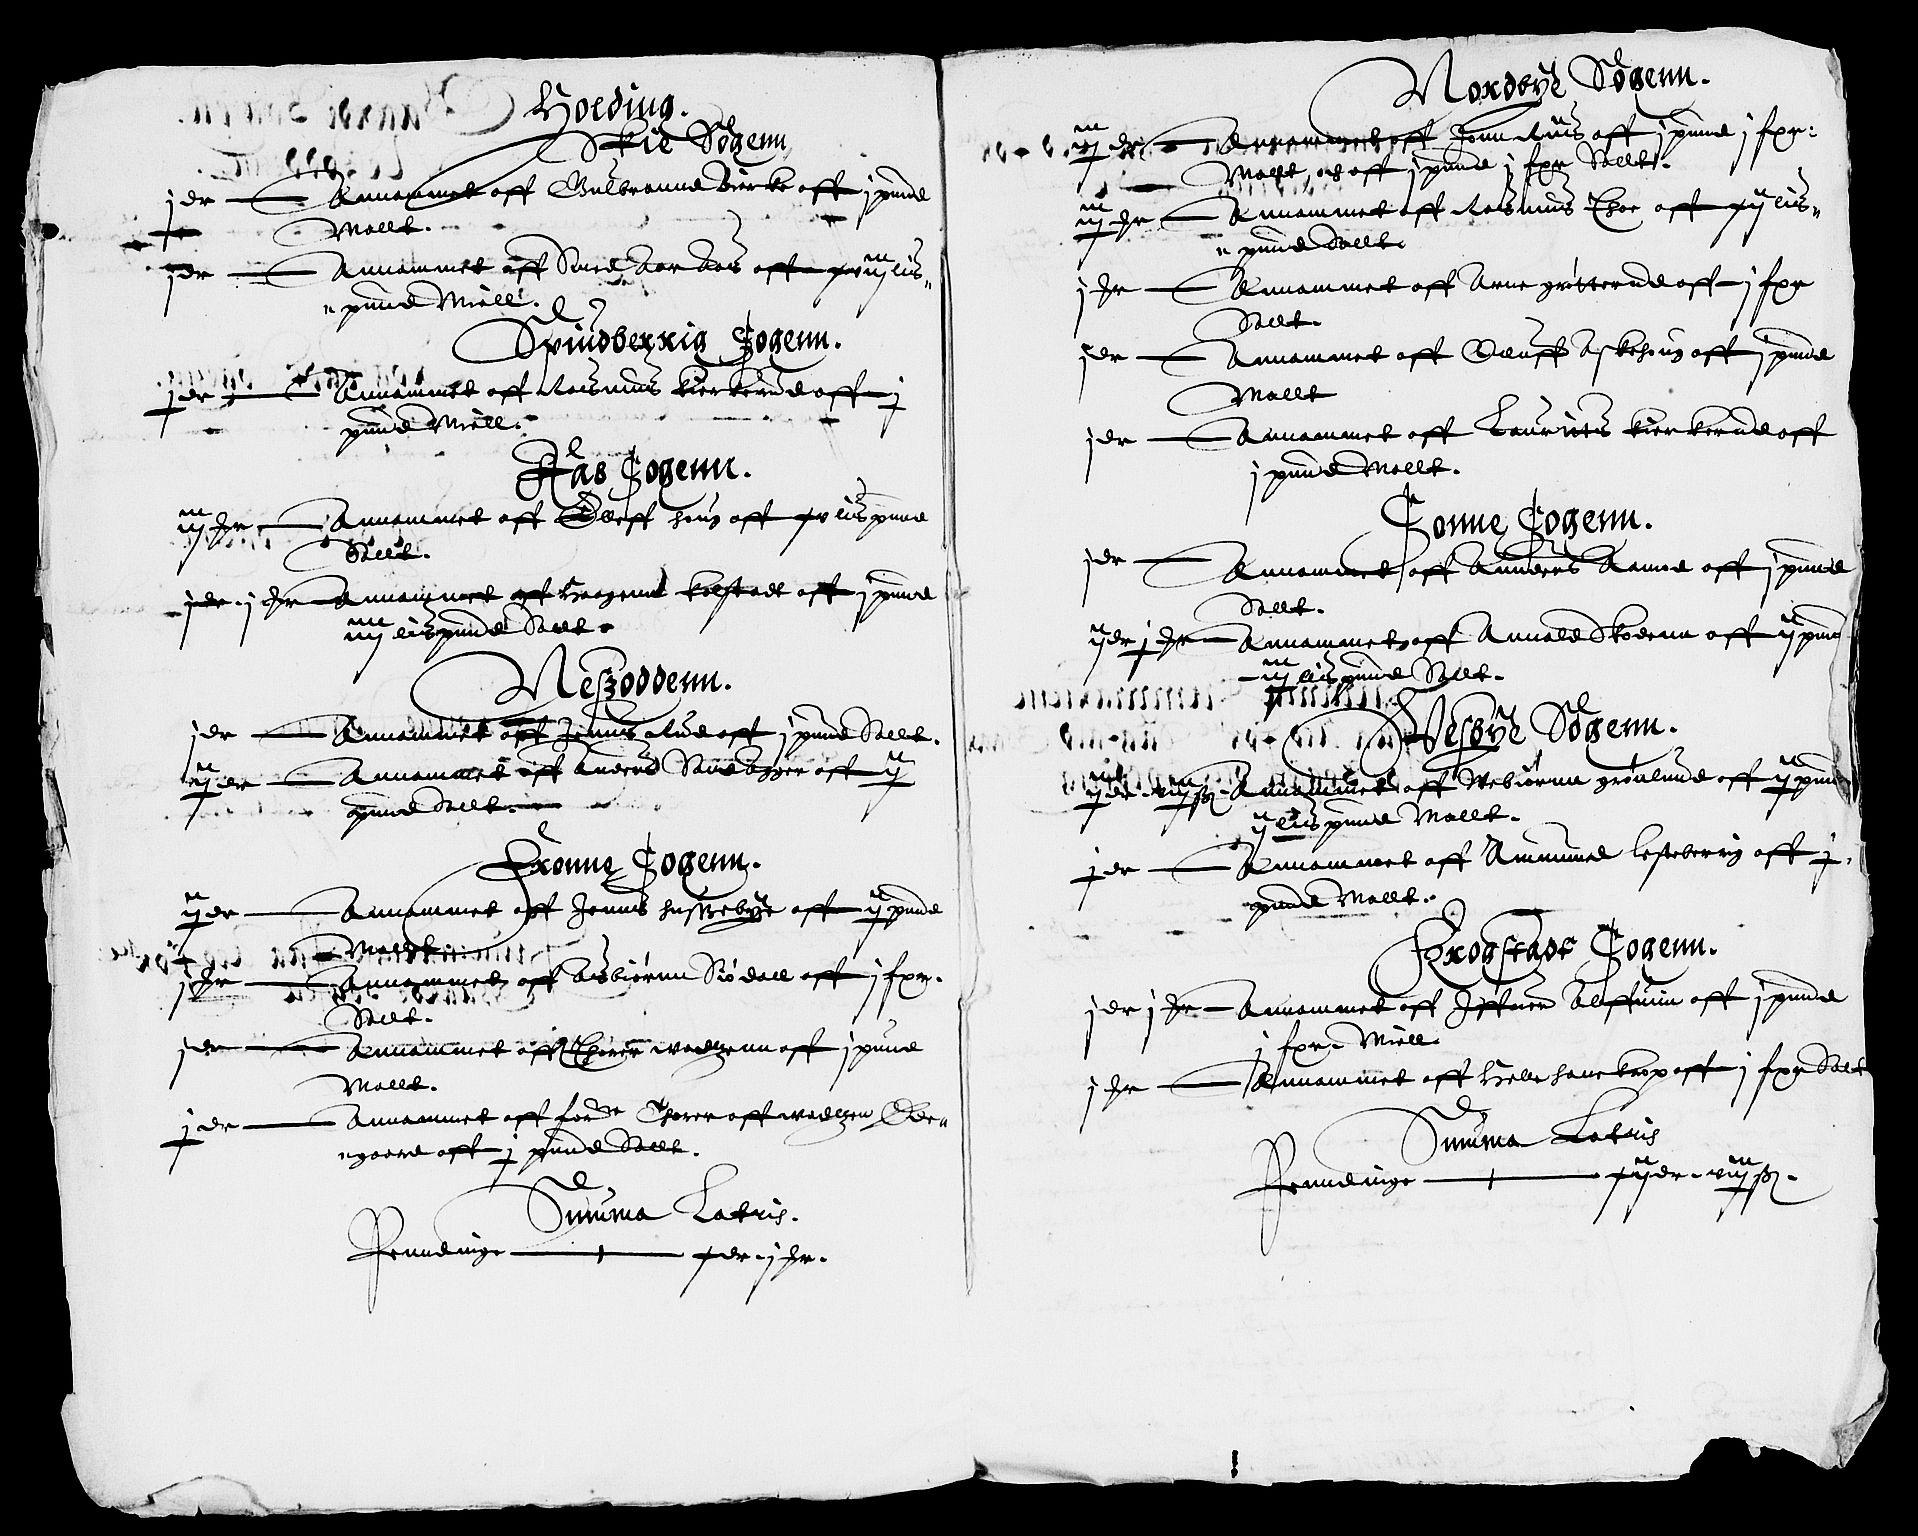 RA, Rentekammeret inntil 1814, Reviderte regnskaper, Lensregnskaper, R/Rb/Rba/L0061: Akershus len, 1622-1623